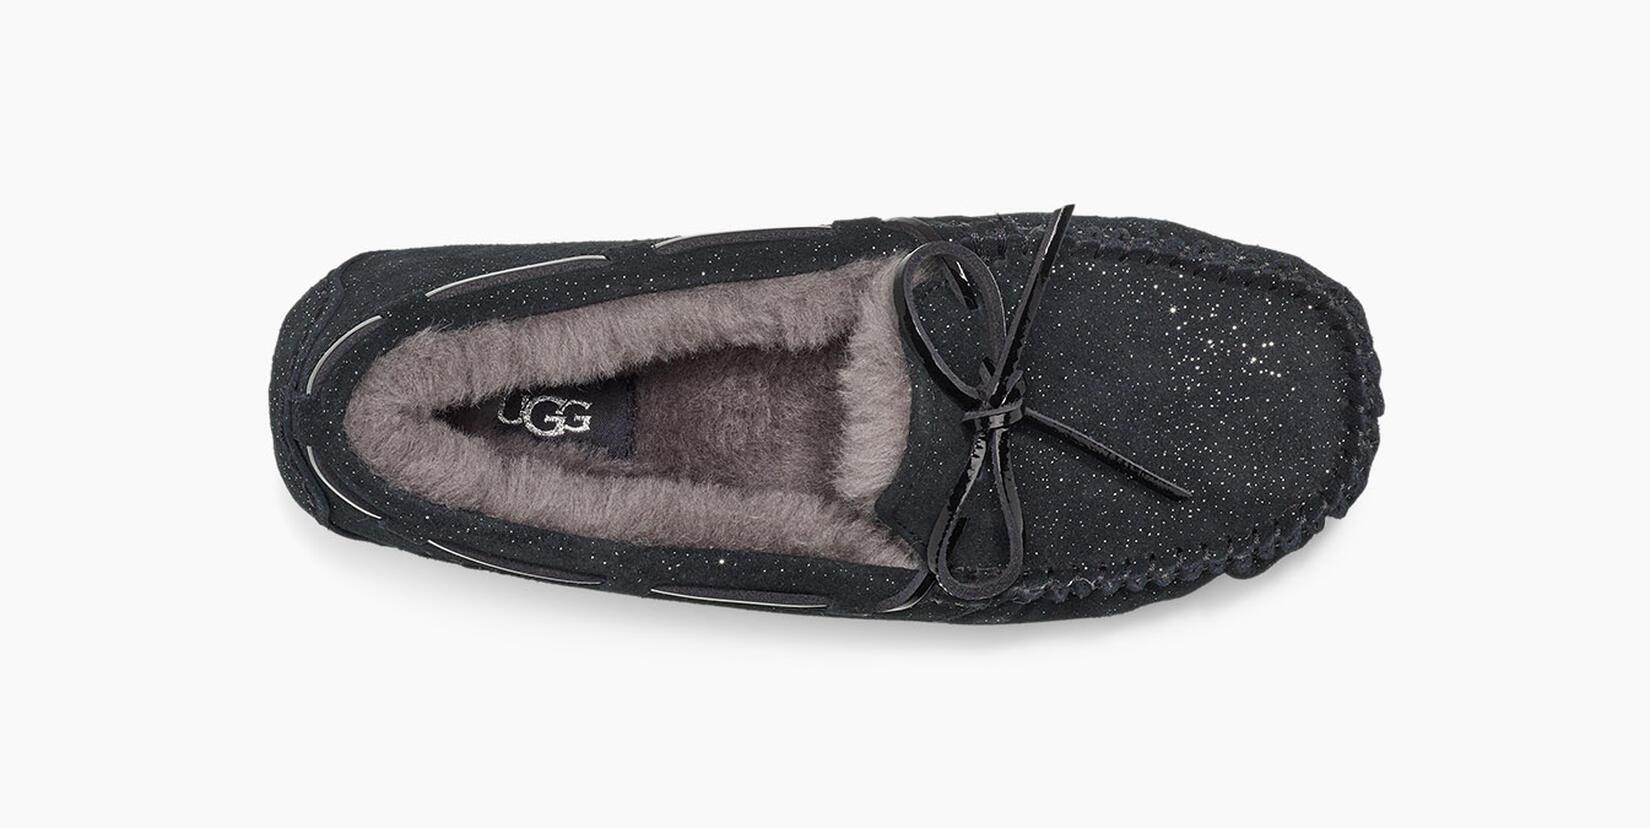 Dakota Twinkle Slipper